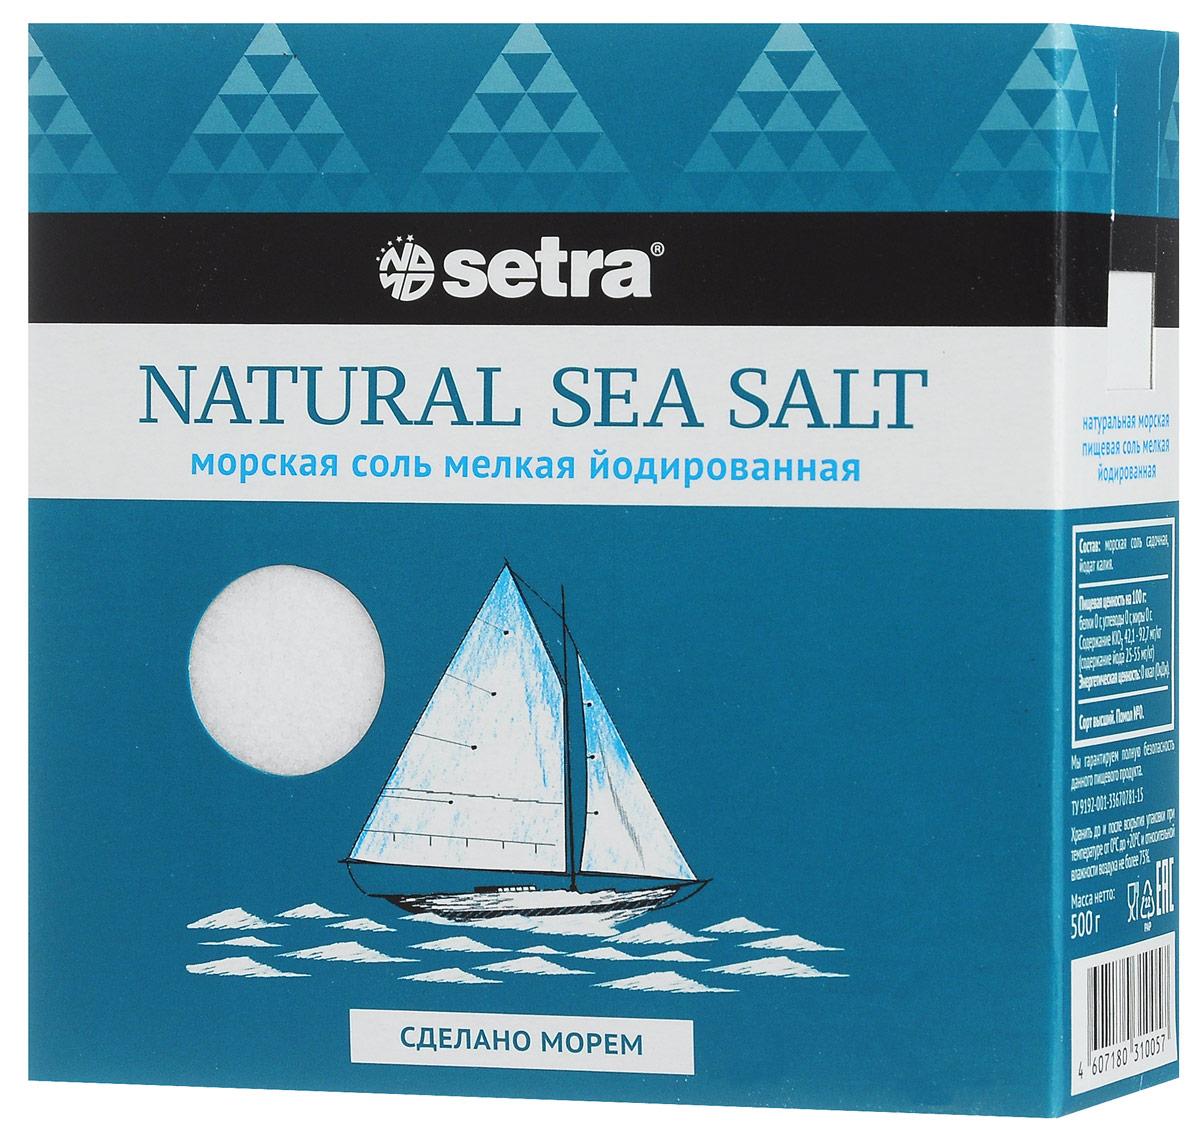 Setra соль морская мелкая йодированная, 500 г0120710Морскую соль Setra получают из вод Адриатического моря уже более 700 лет старым, естественным, экологически чистым способом: выпариванием морской воды на солнце. В отличие от каменной соли морская соль содержит больше ионов магния, калия, йода, кальция, фтора, а также других морских минералов, что, помимо ощутимой пользы для организма, придаст вашим блюдам особый изысканный вкус.